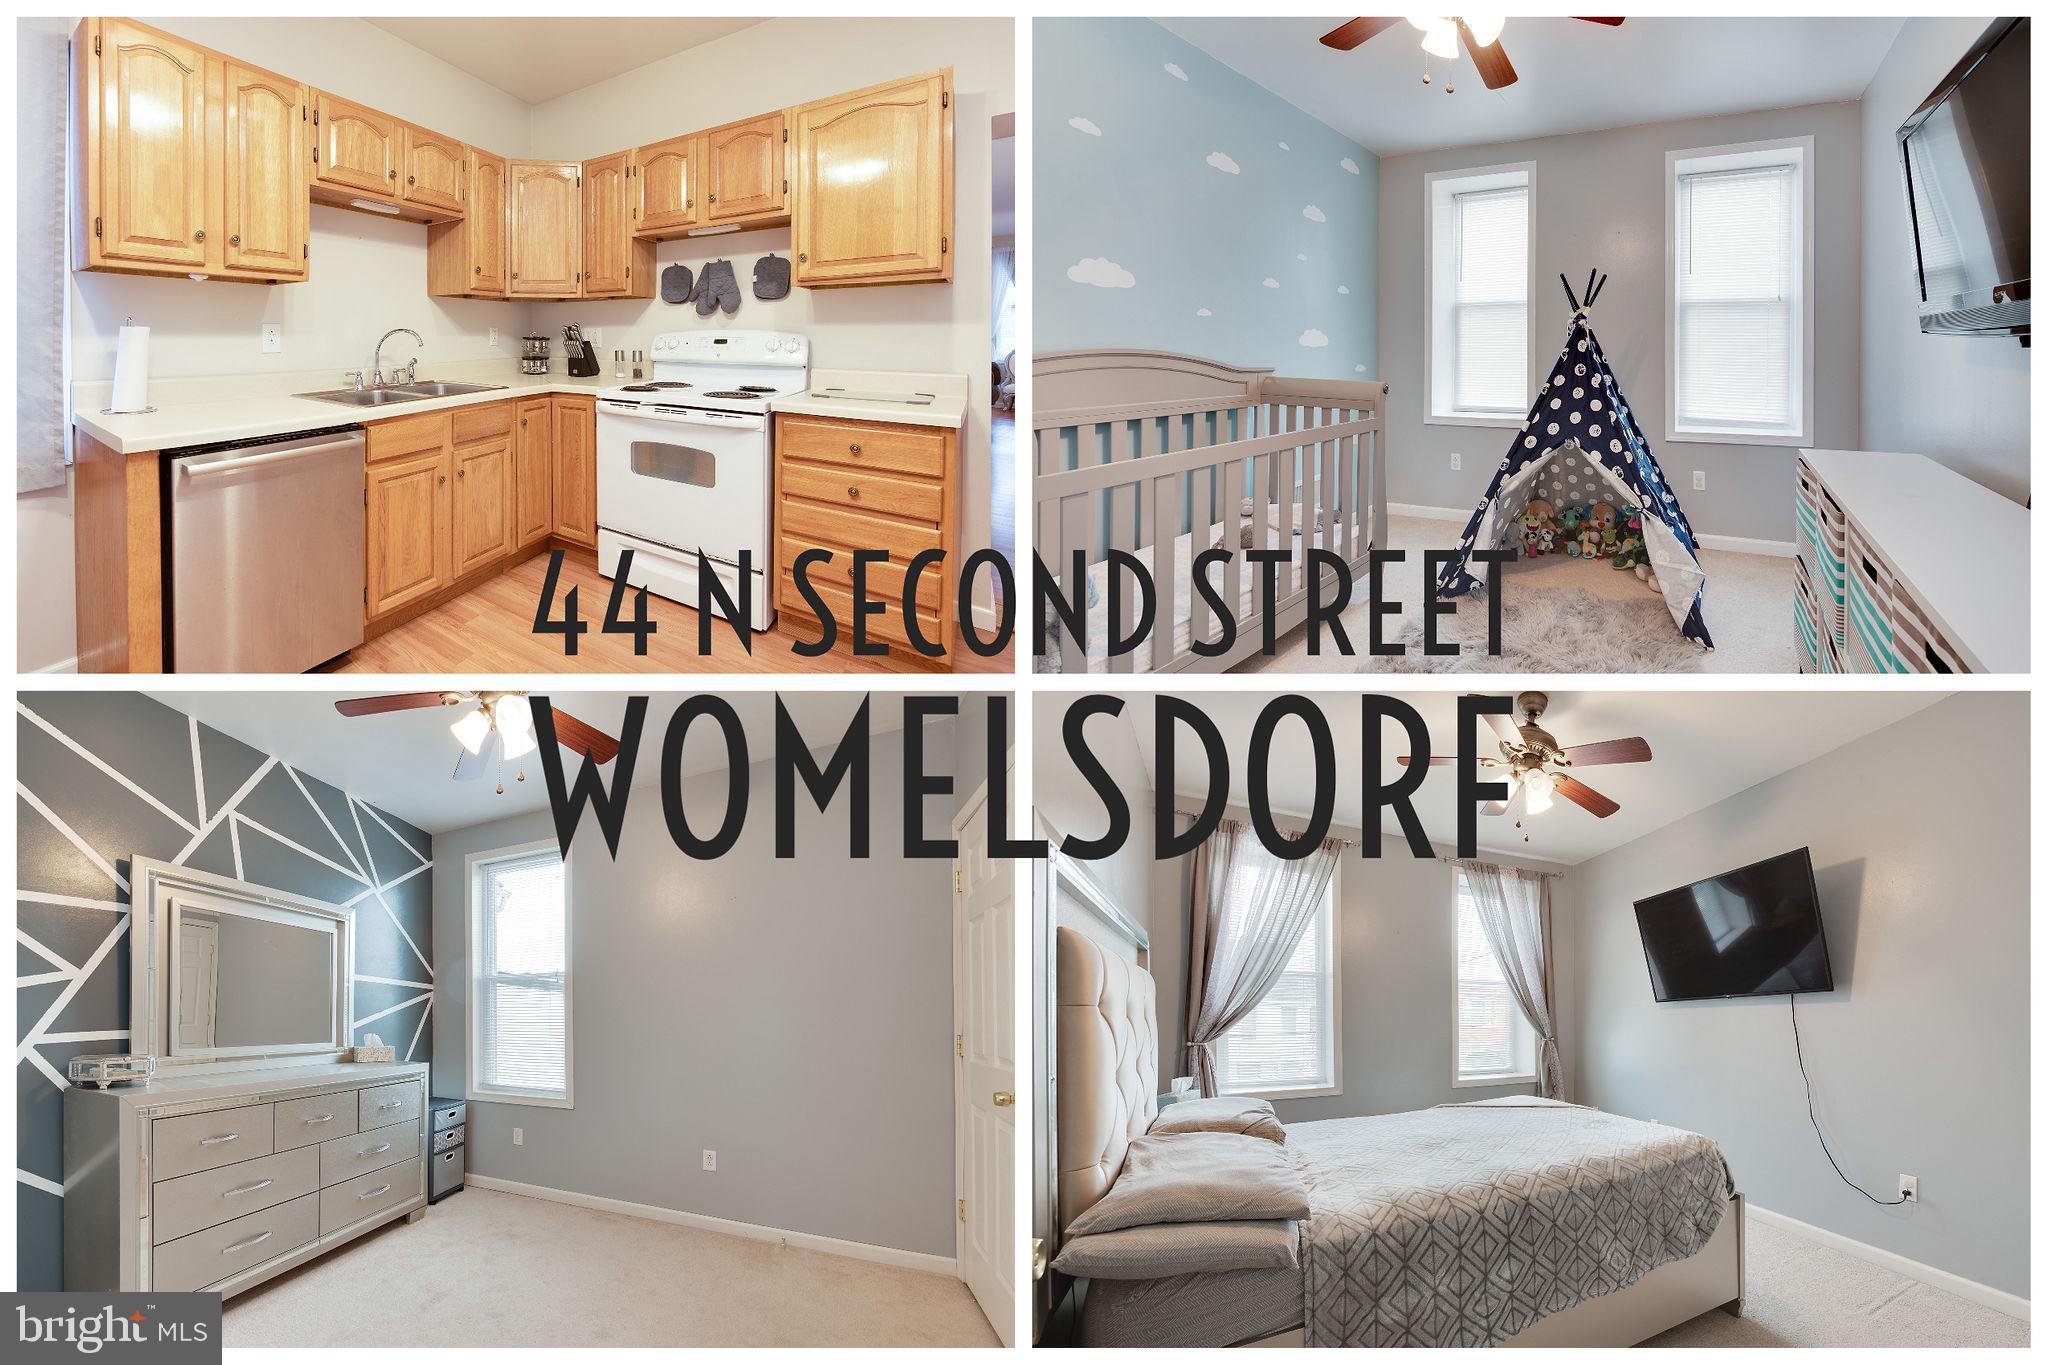 44 N 2ND STREET, WOMELSDORF, PA 19567